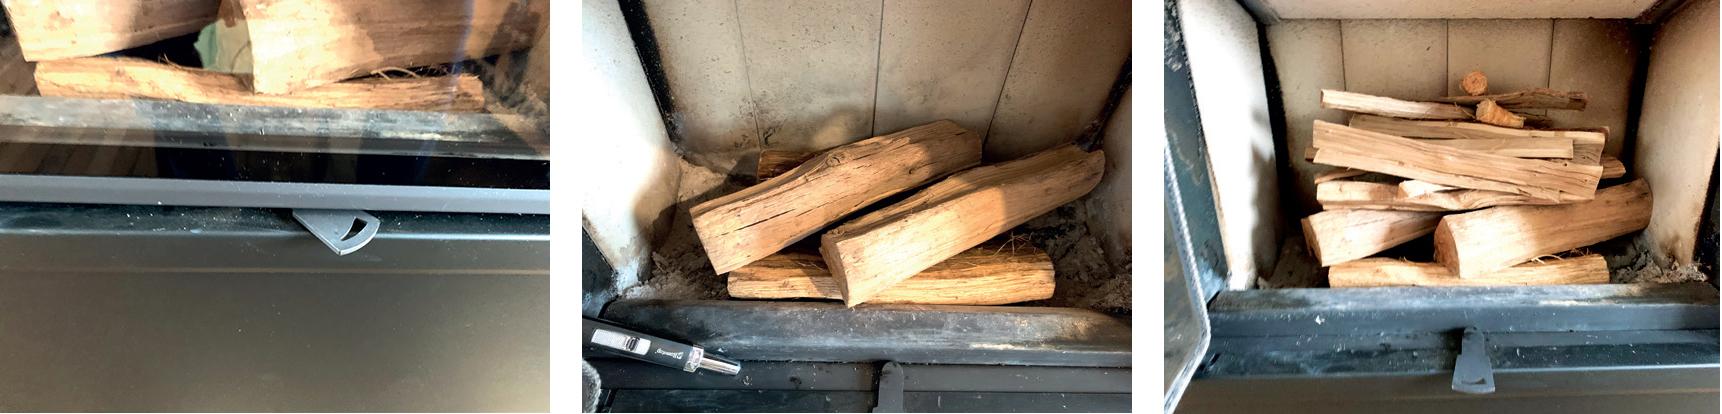 Gestion des arrivées d'air pour allumer son poêle à bois ROMOTOP